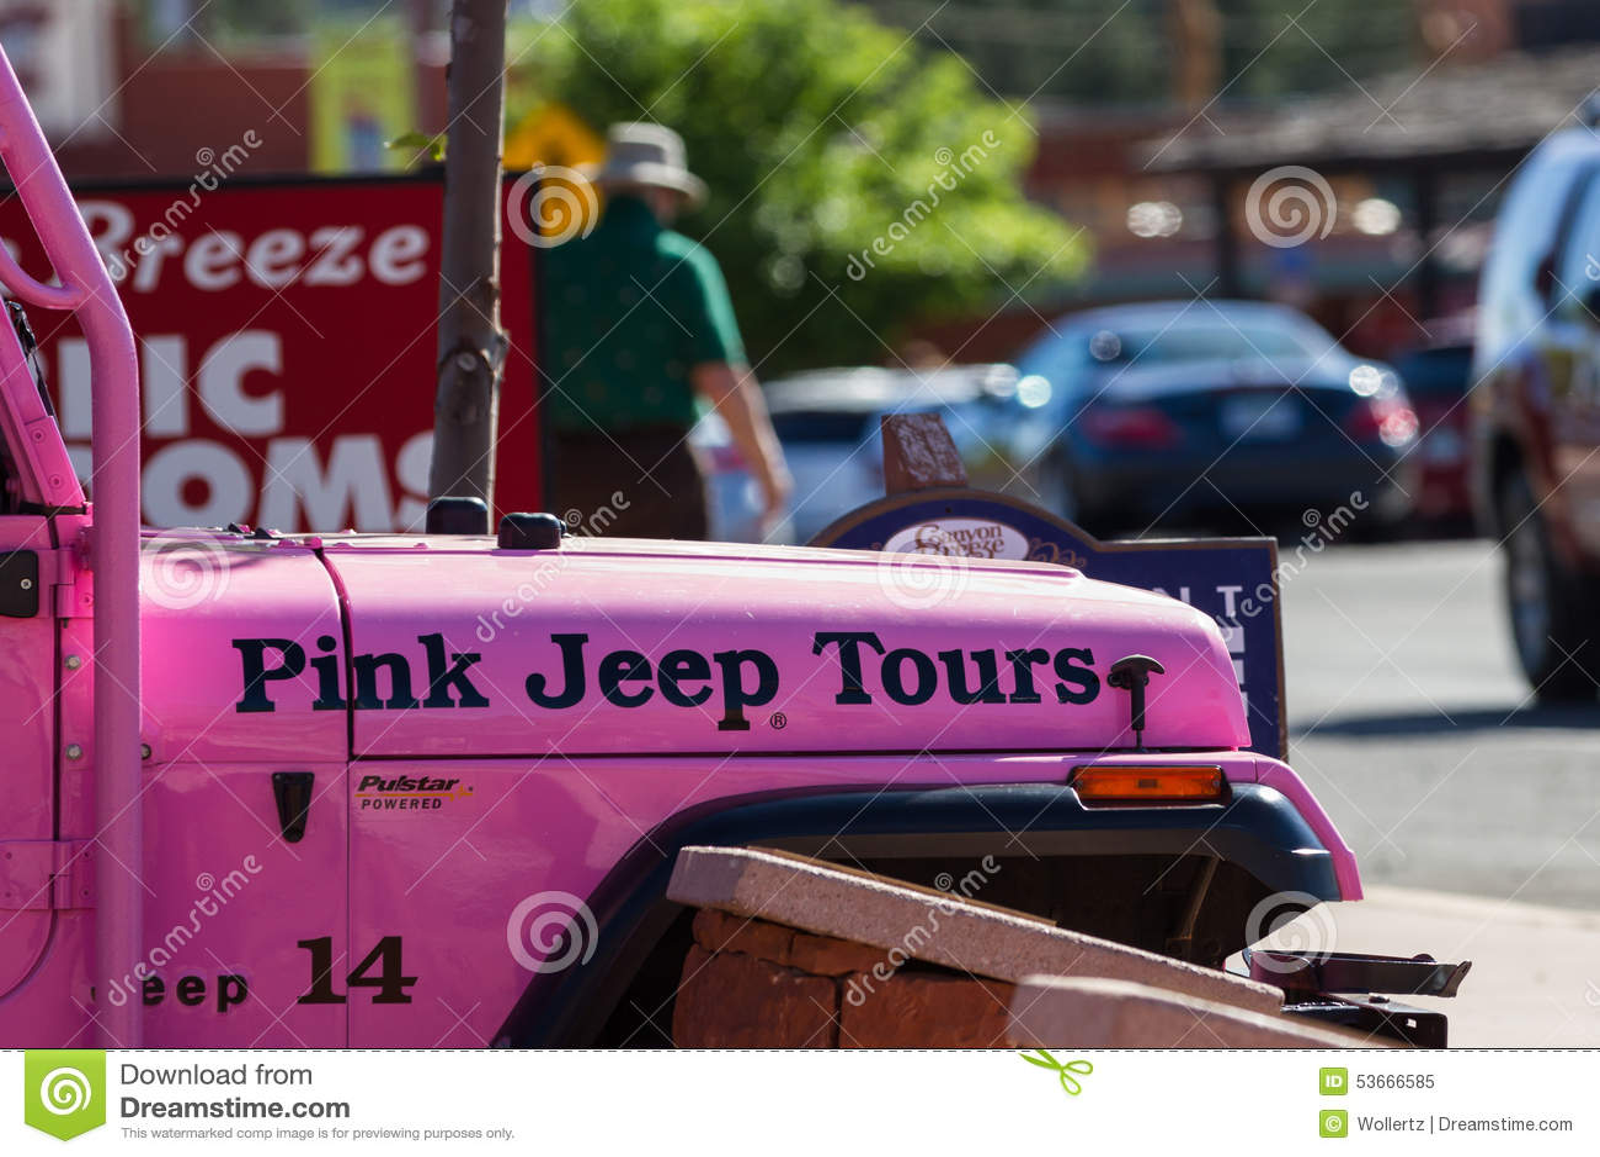 Pink Jeep Tours Wikipedia